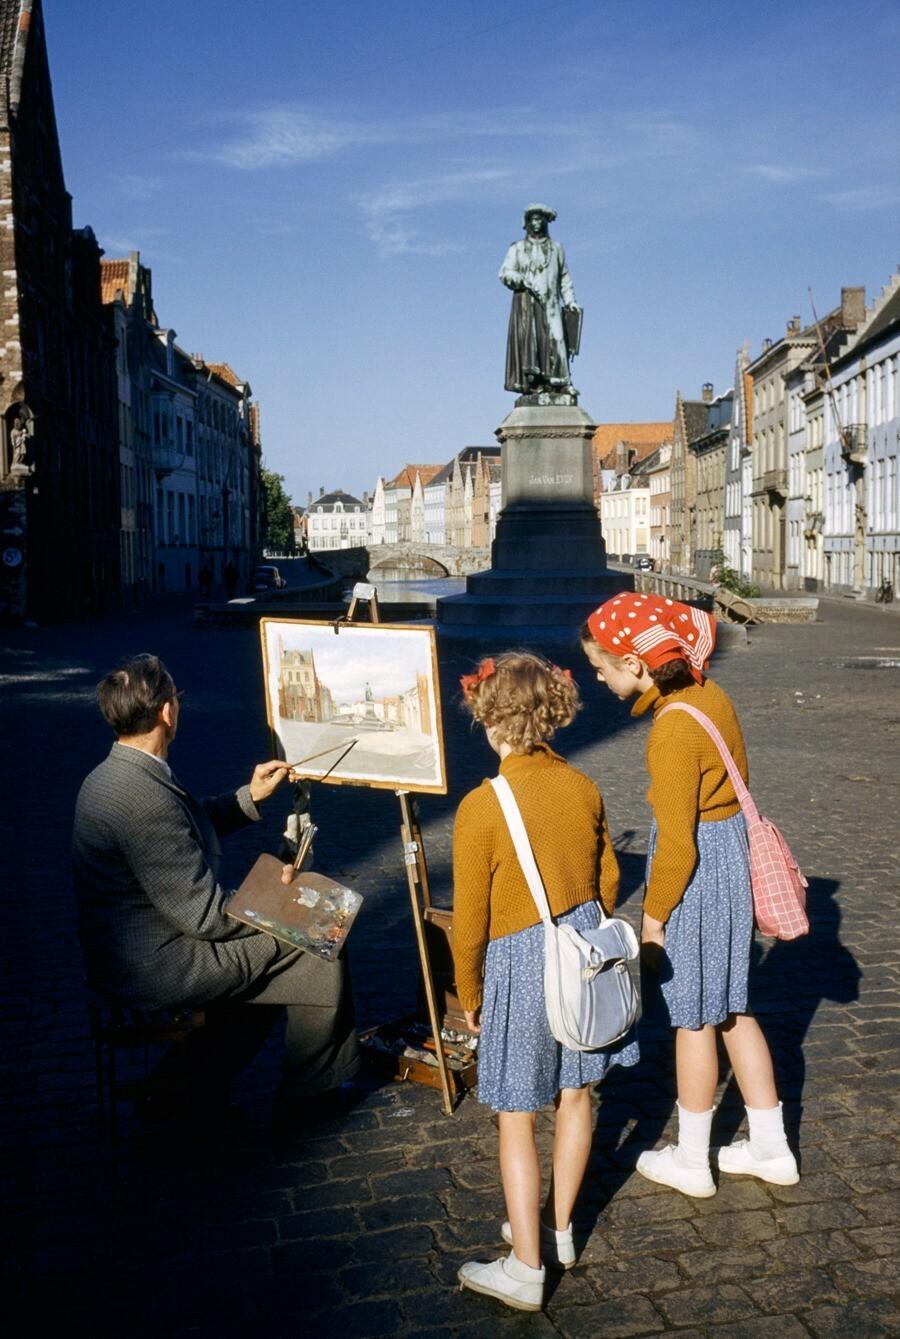 Художник пишет статую фламандского живописца в Брюгге, Бельгия, 1955. Фотограф Луис Марден